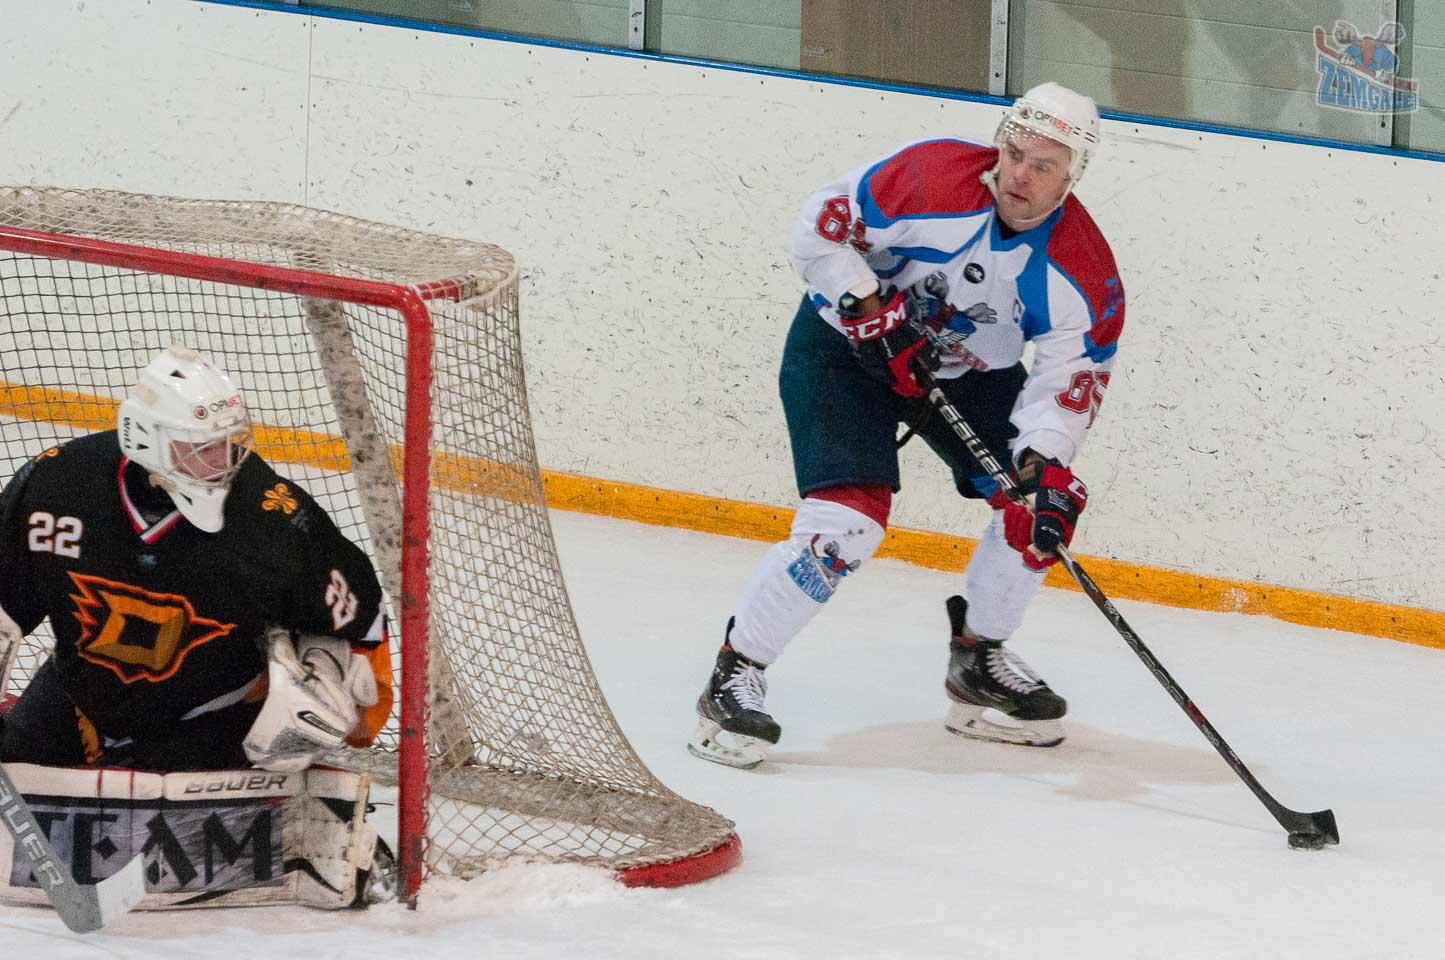 Hokejists ar ripu aiz vārtiem, kurus sargā vārtsargs